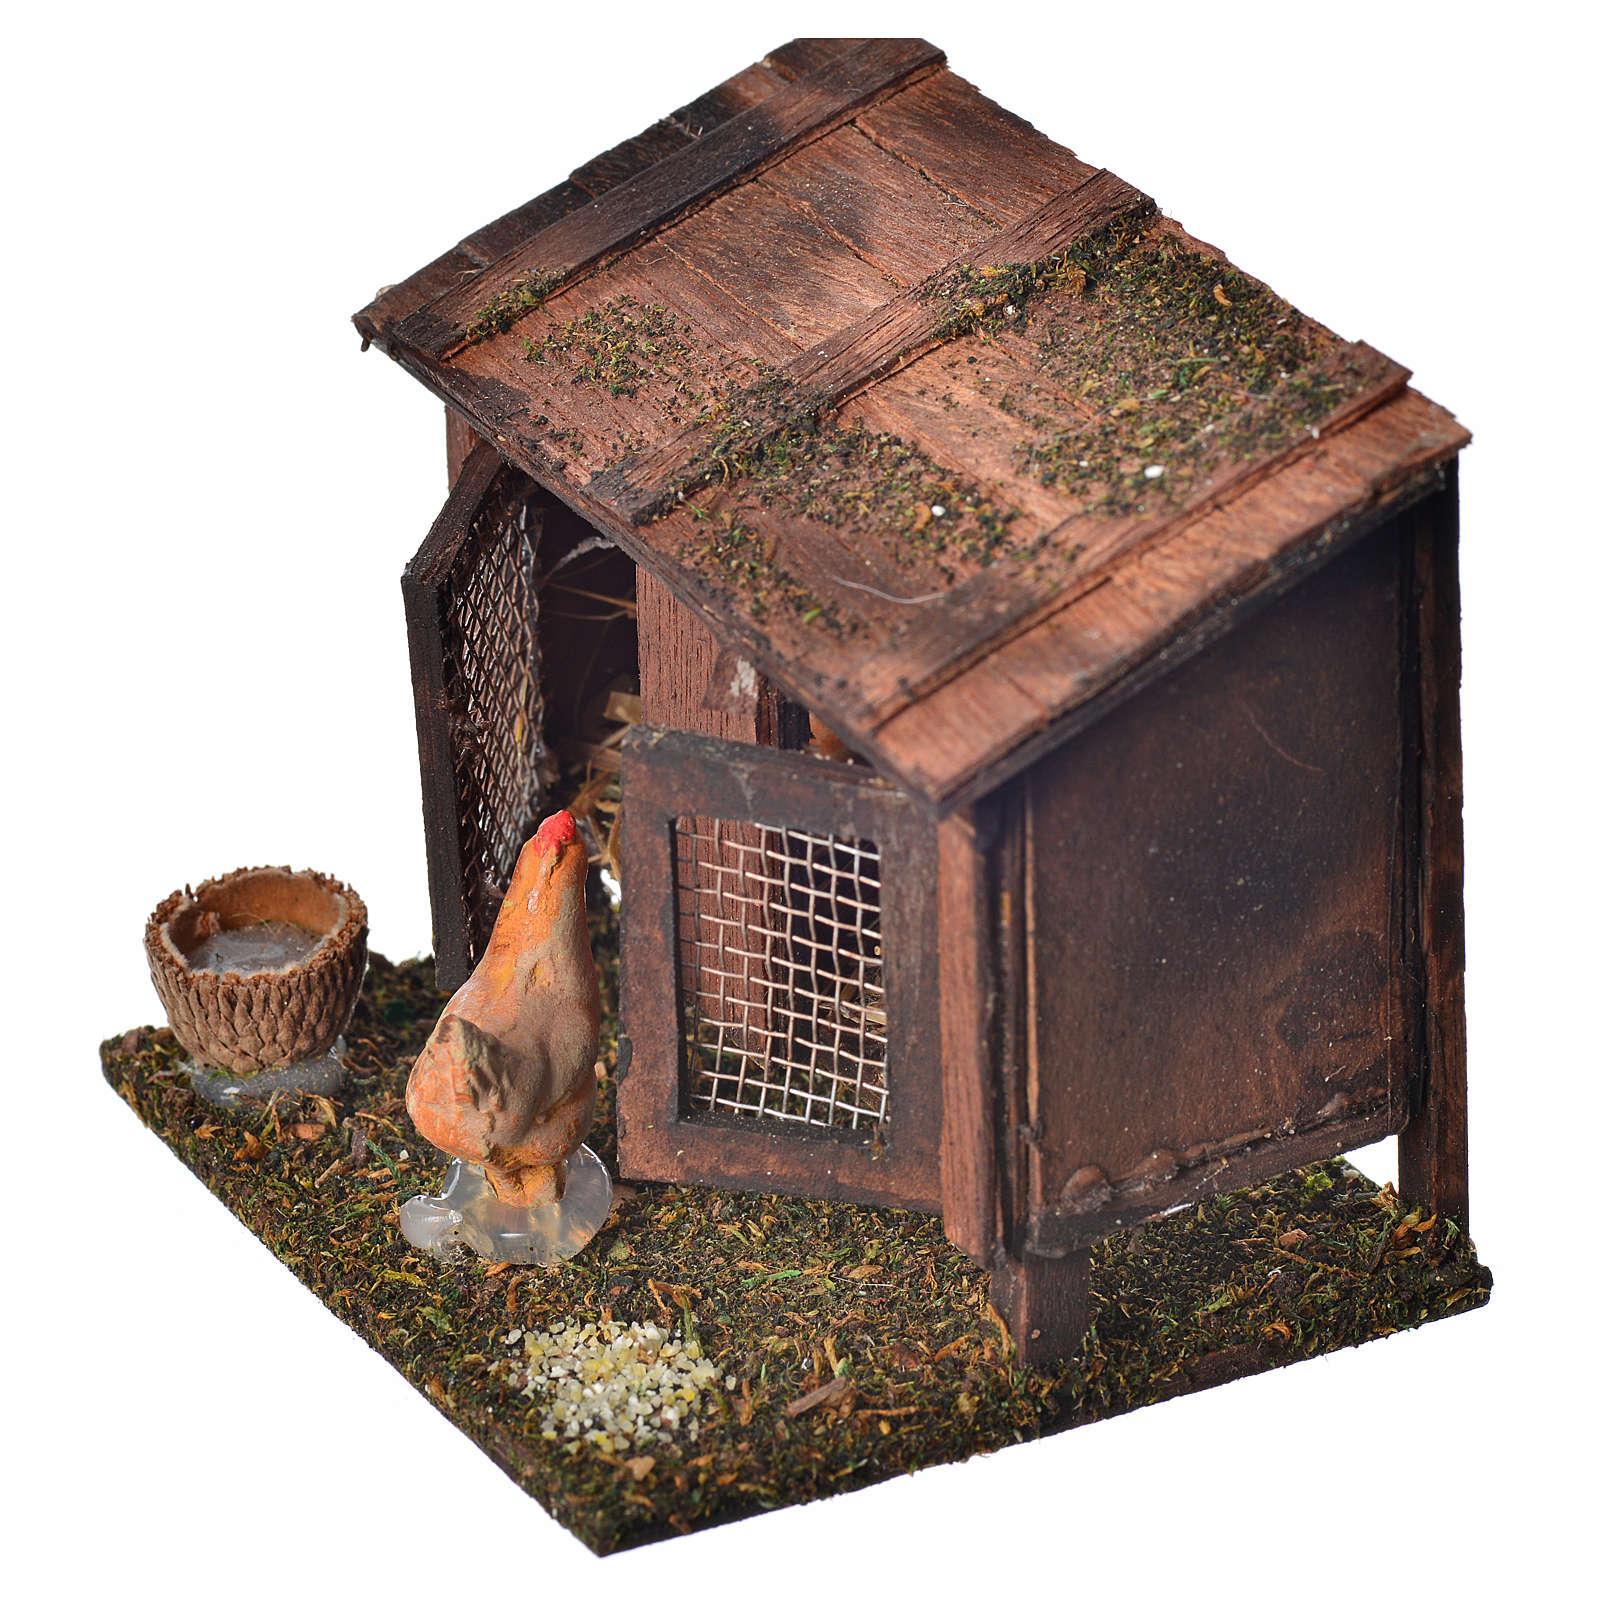 Stia con galline terracotta 6x7x6 cm presepe Napoli 4